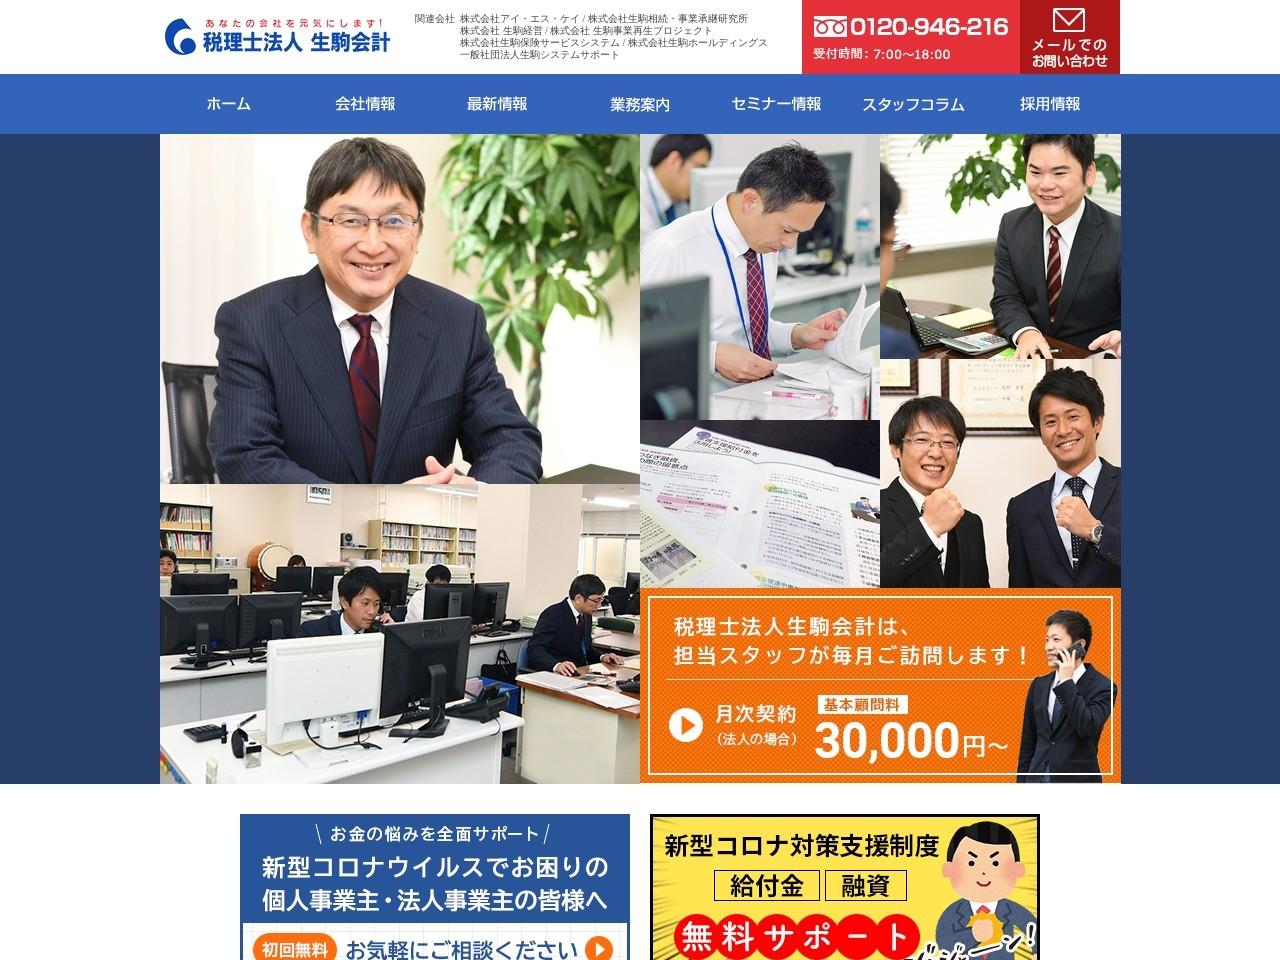 生駒学税理士事務所